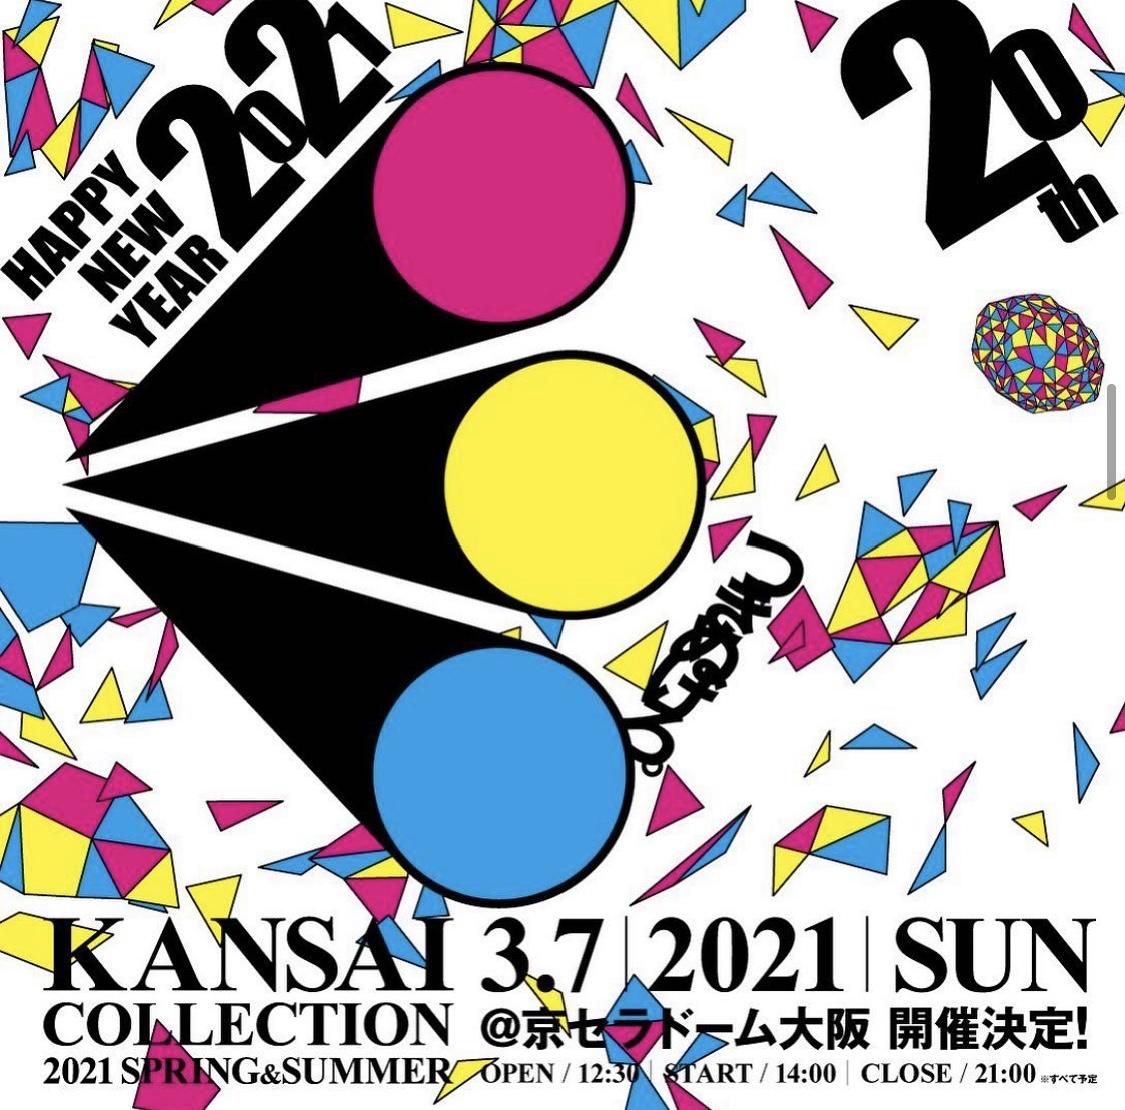 関西コレクション2021 Spring summer に出演いたしました♡